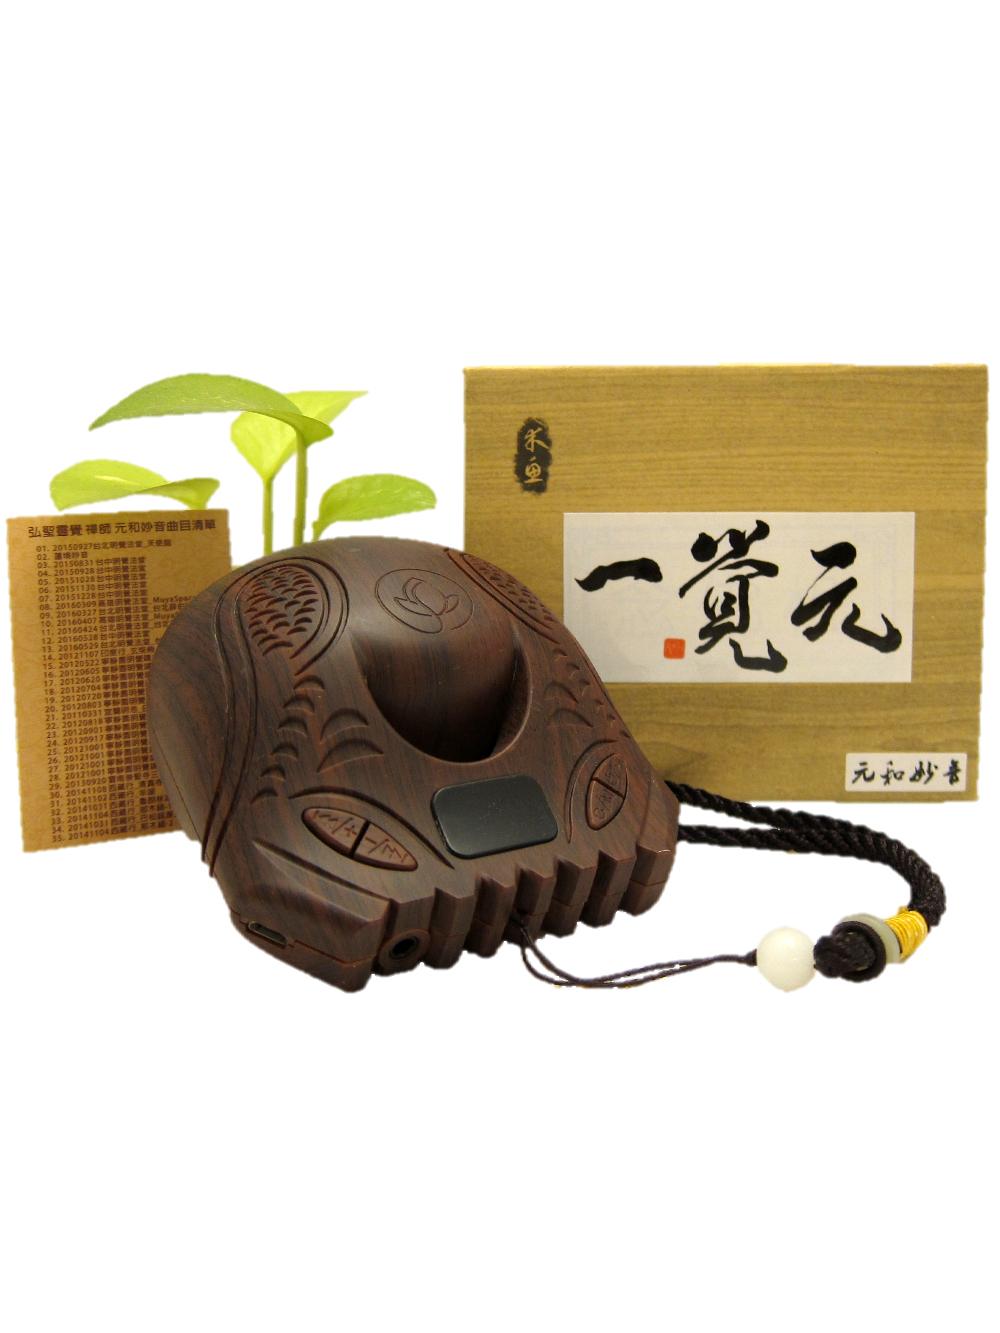 木魚【元和妙音】播放器